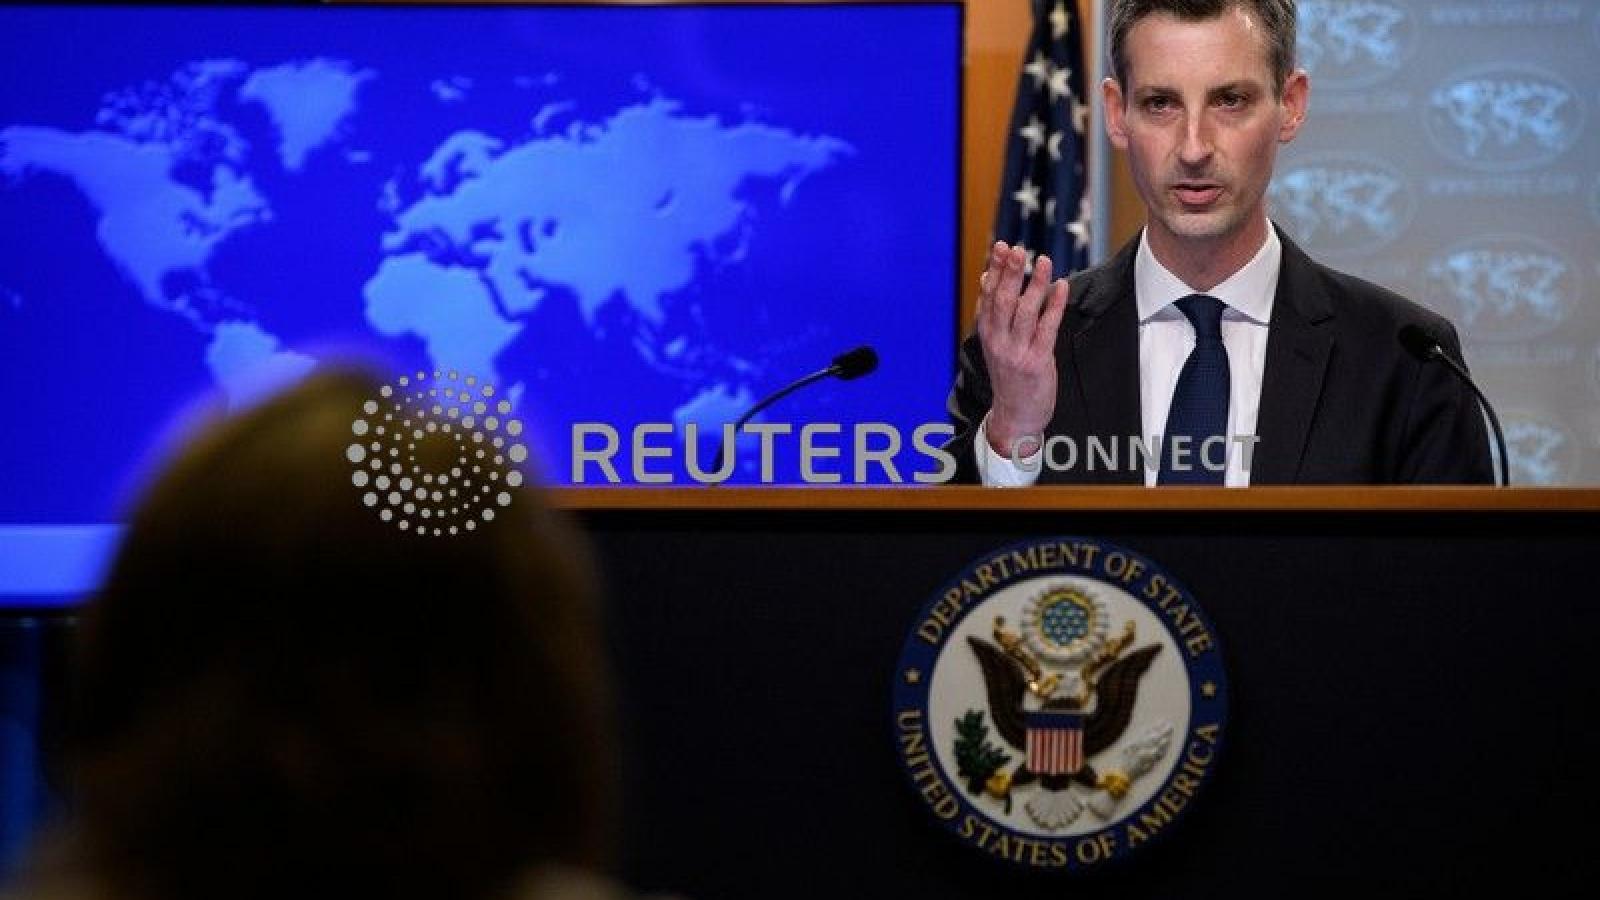 Căng thẳng Nga – Mỹ vẫn có cơ hội giảm nhiệt sau các biện pháp đáp trả ngoại giao